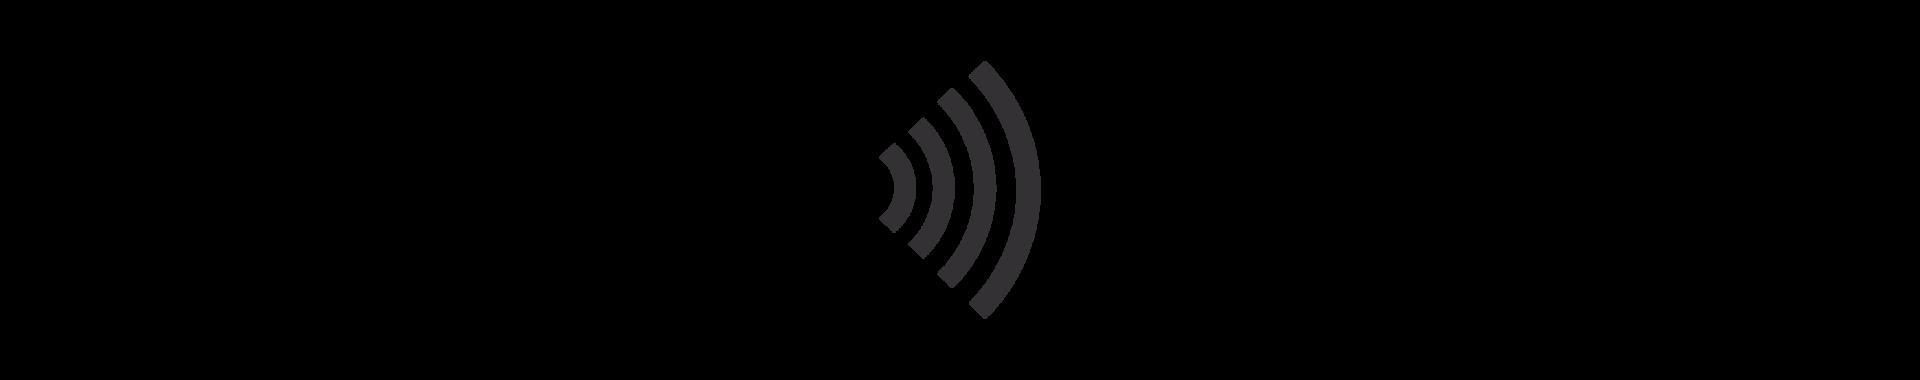 NFC-Wellensymbol